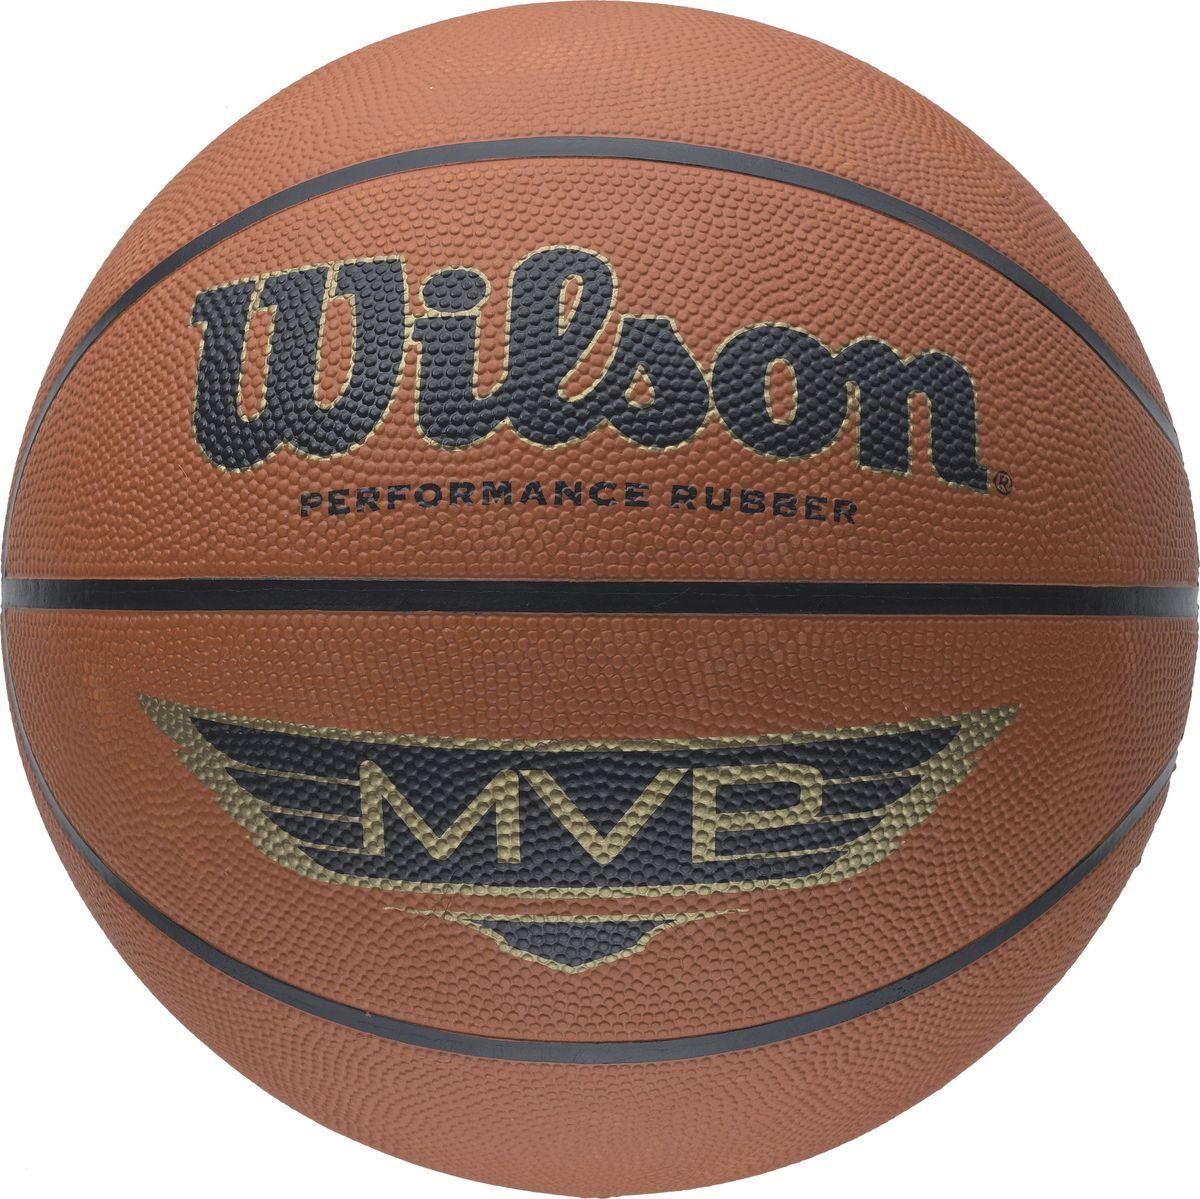 Мяч баскетбольный Wilson MVP, цвет: коричневый65160042Мяч для любого вижа площадки, оптимальный материал покрытия, закрывающаяся под давлением воздуха камера для сохранения формы и давления внутри мяча.